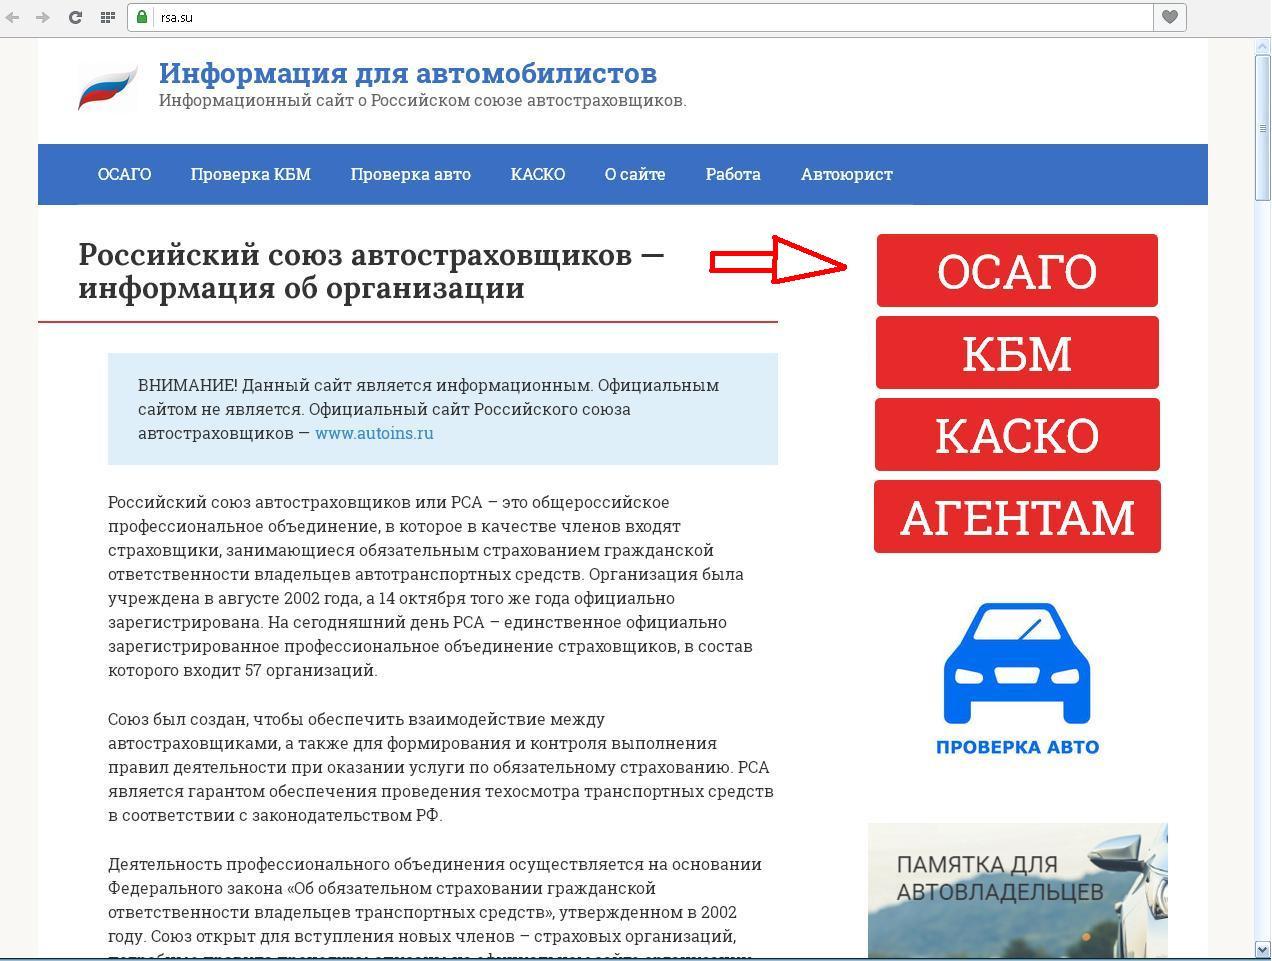 Союз страховых компаний официальный сайт сайт зао верхнекамская калийная компания